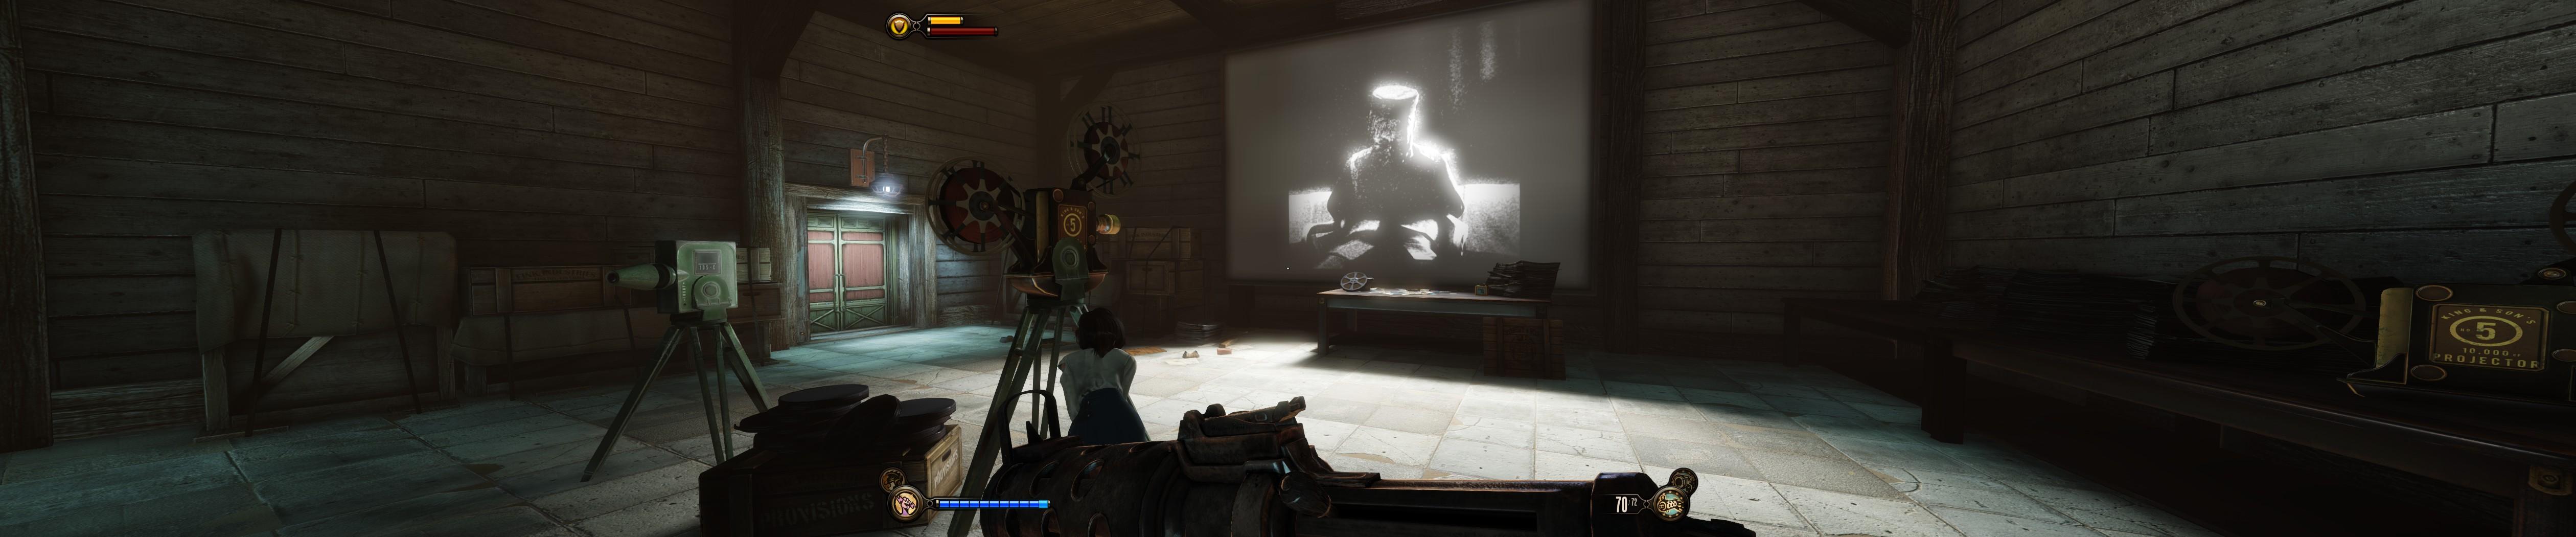 Bioshock_Infinite_2013-05-14_00024